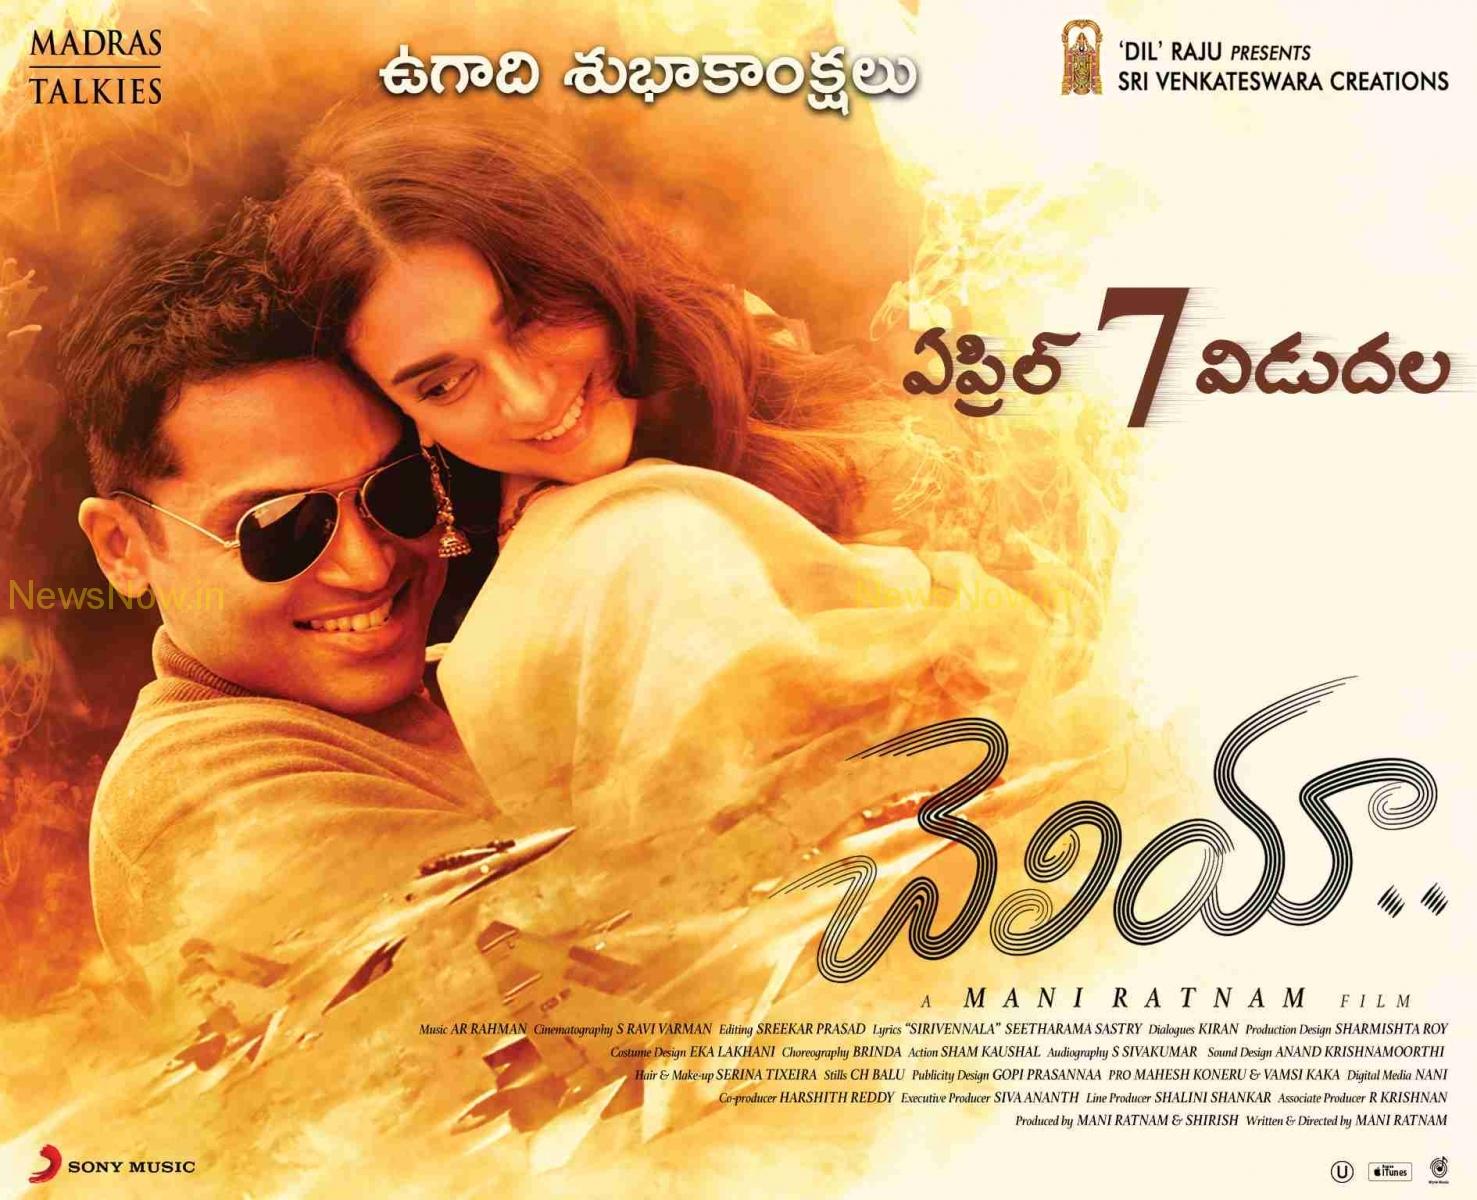 Maniratnam's Cheliya Movie Stills